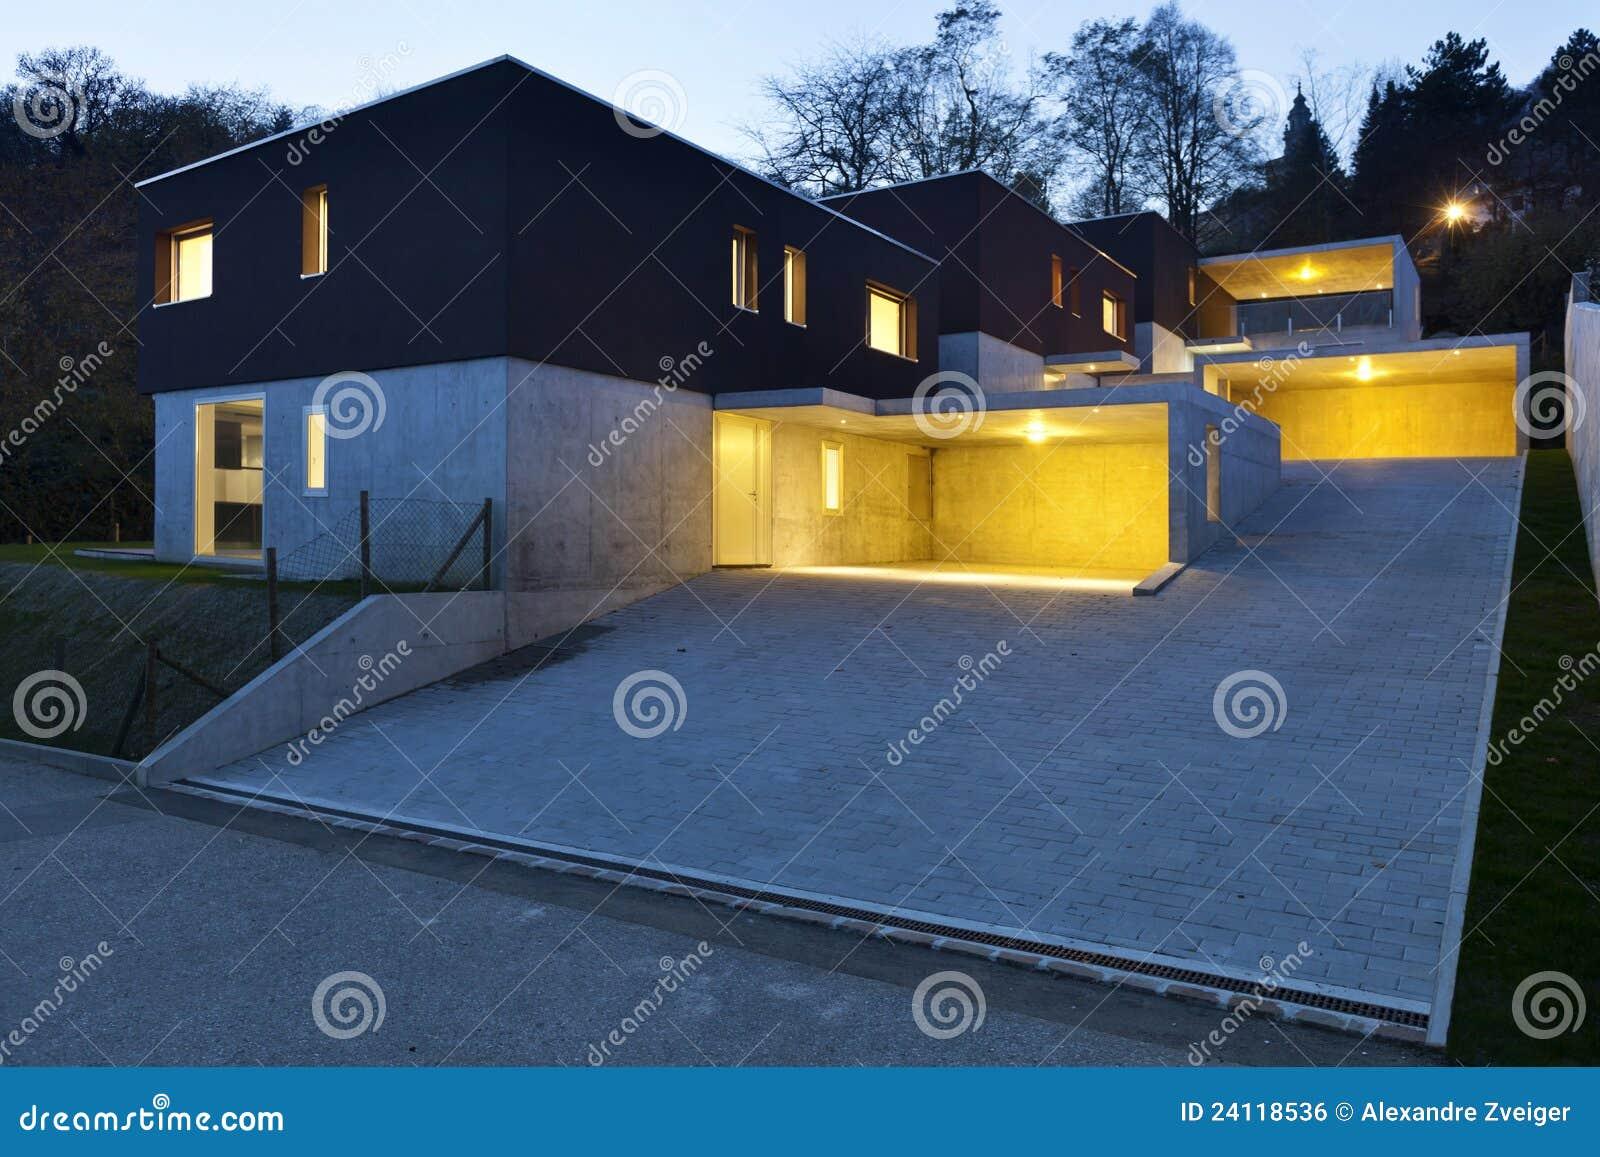 Moderne Häuser Bis Zum Nacht Stockfoto - Bild von fußboden ...